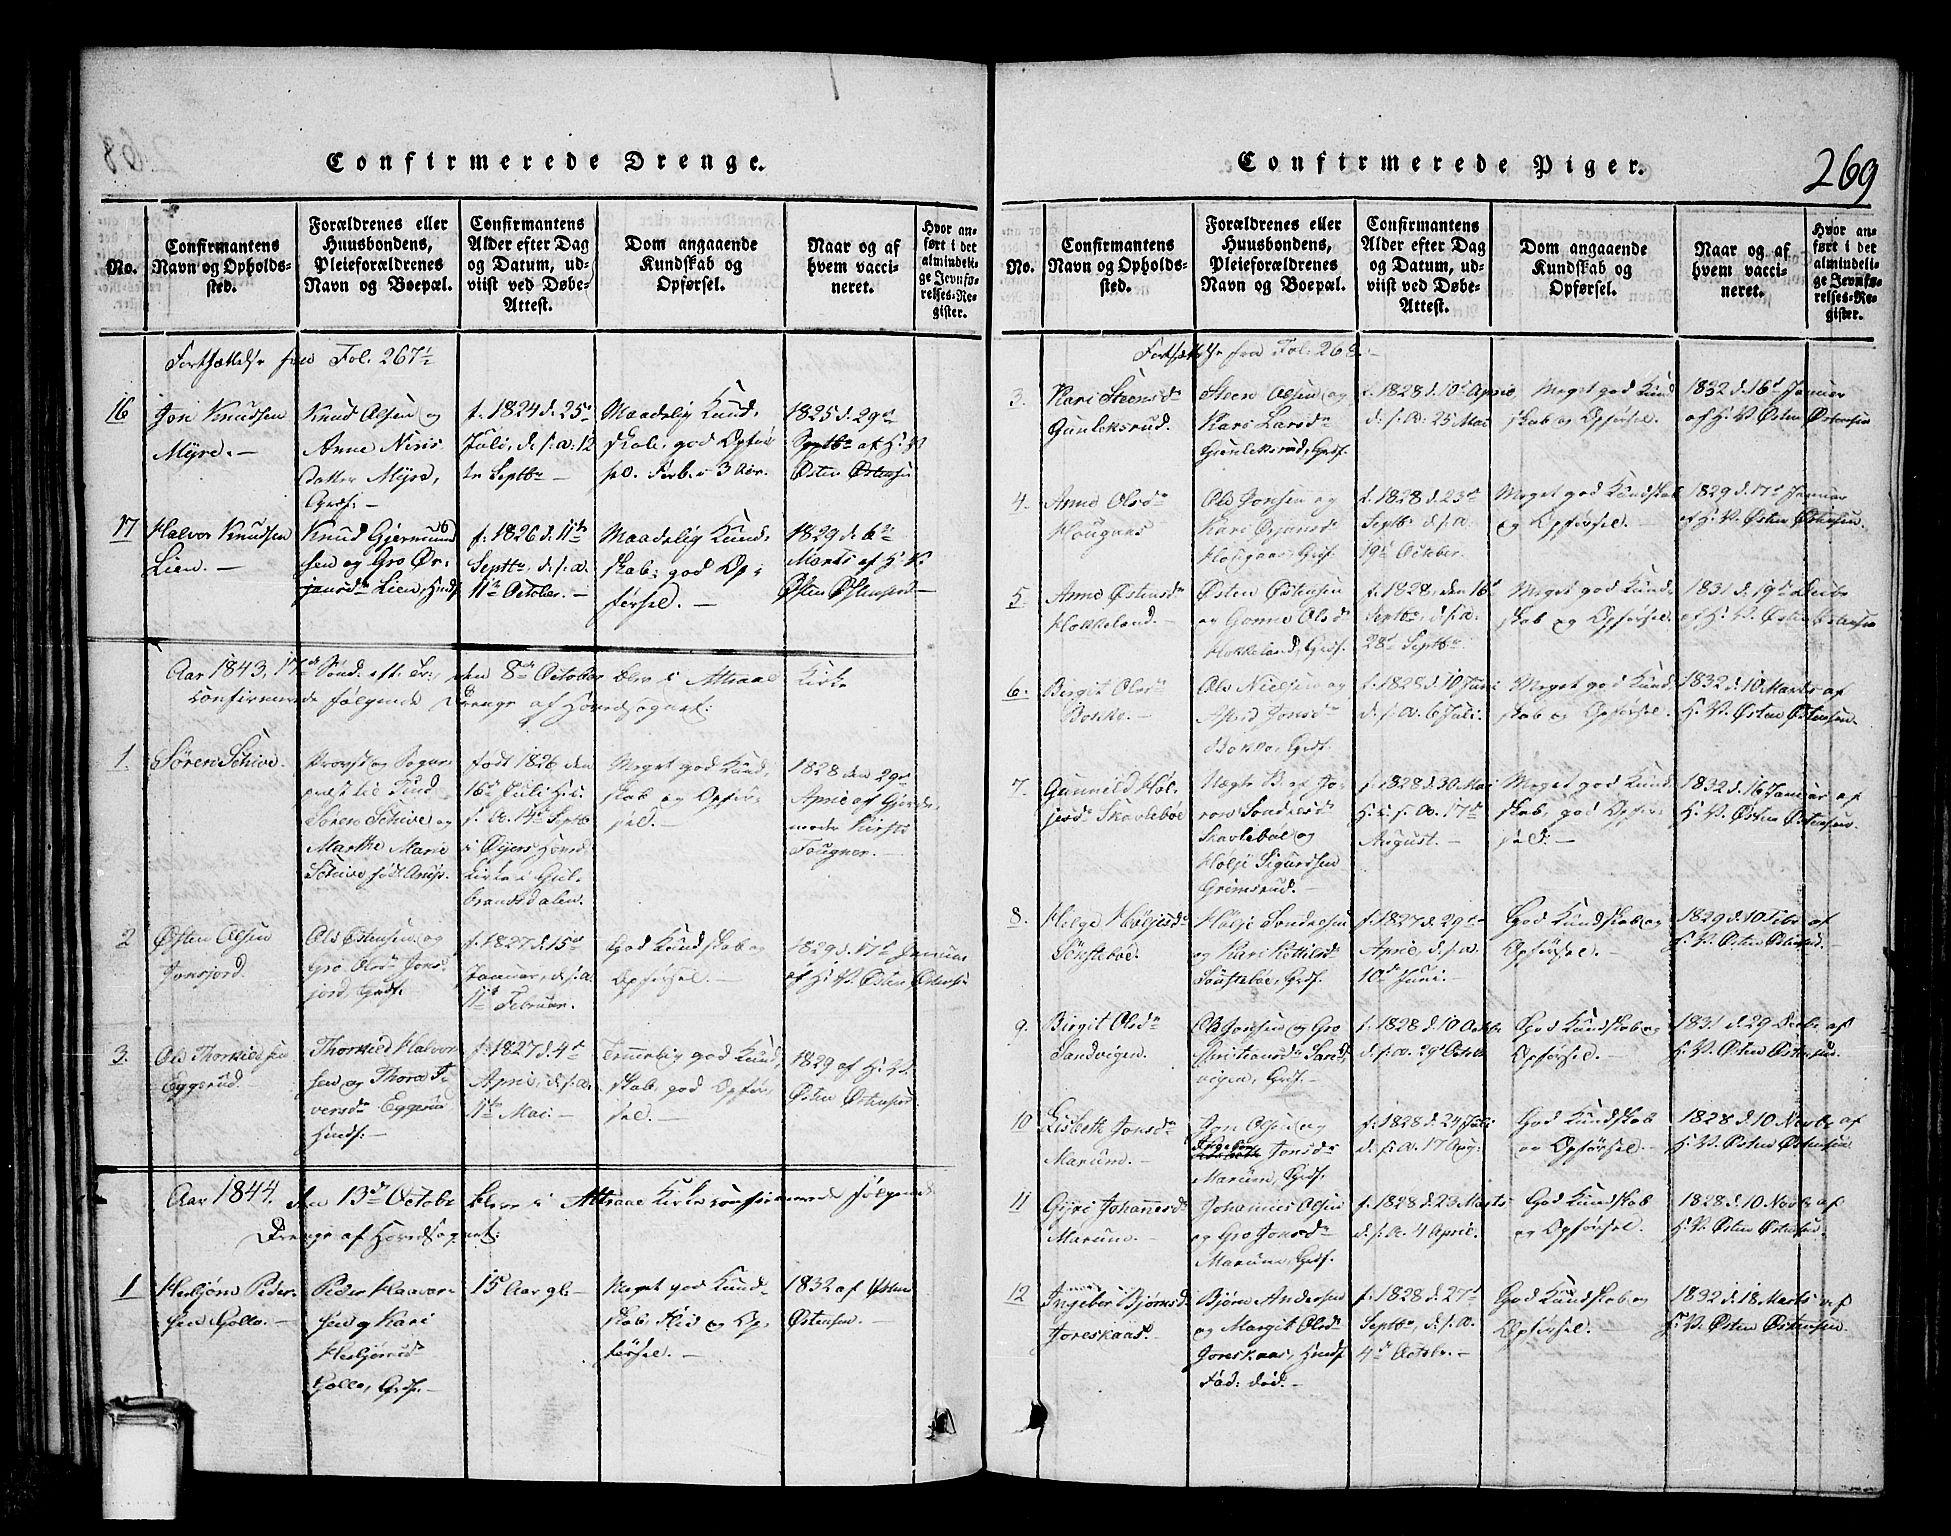 SAKO, Tinn kirkebøker, G/Gb/L0001: Klokkerbok nr. II 1 /2, 1837-1850, s. 269